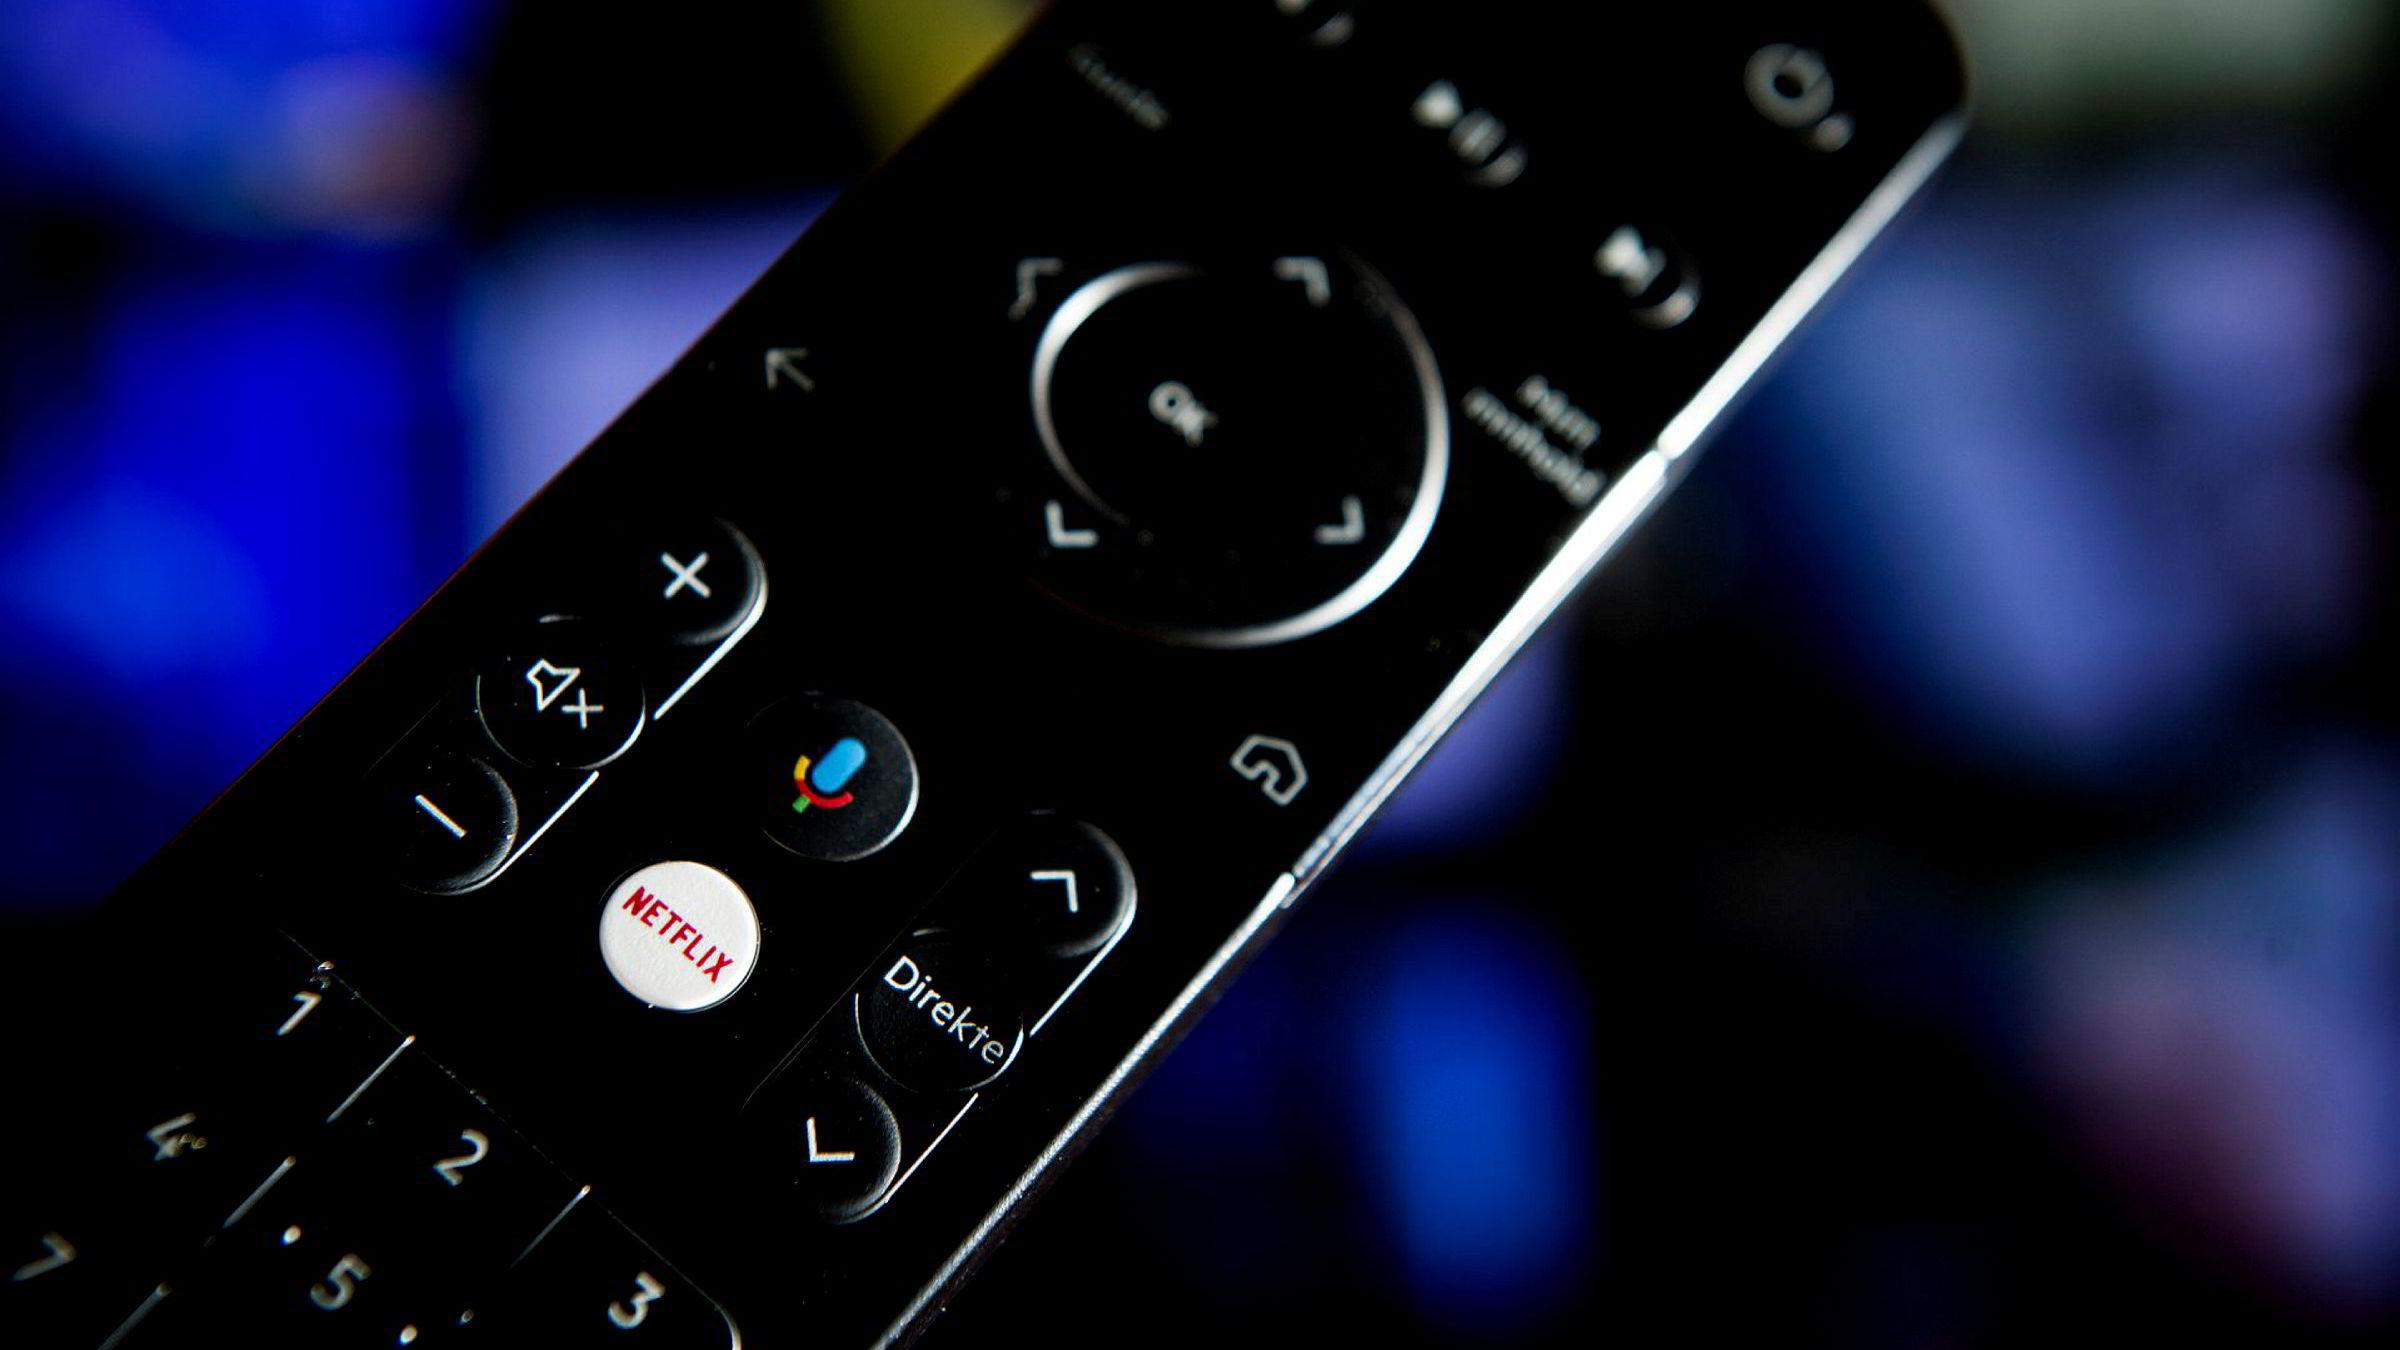 Slik ser den nye fjernkontrollen til Get ut. Netflix-logoen stikker tydelig frem i midten.